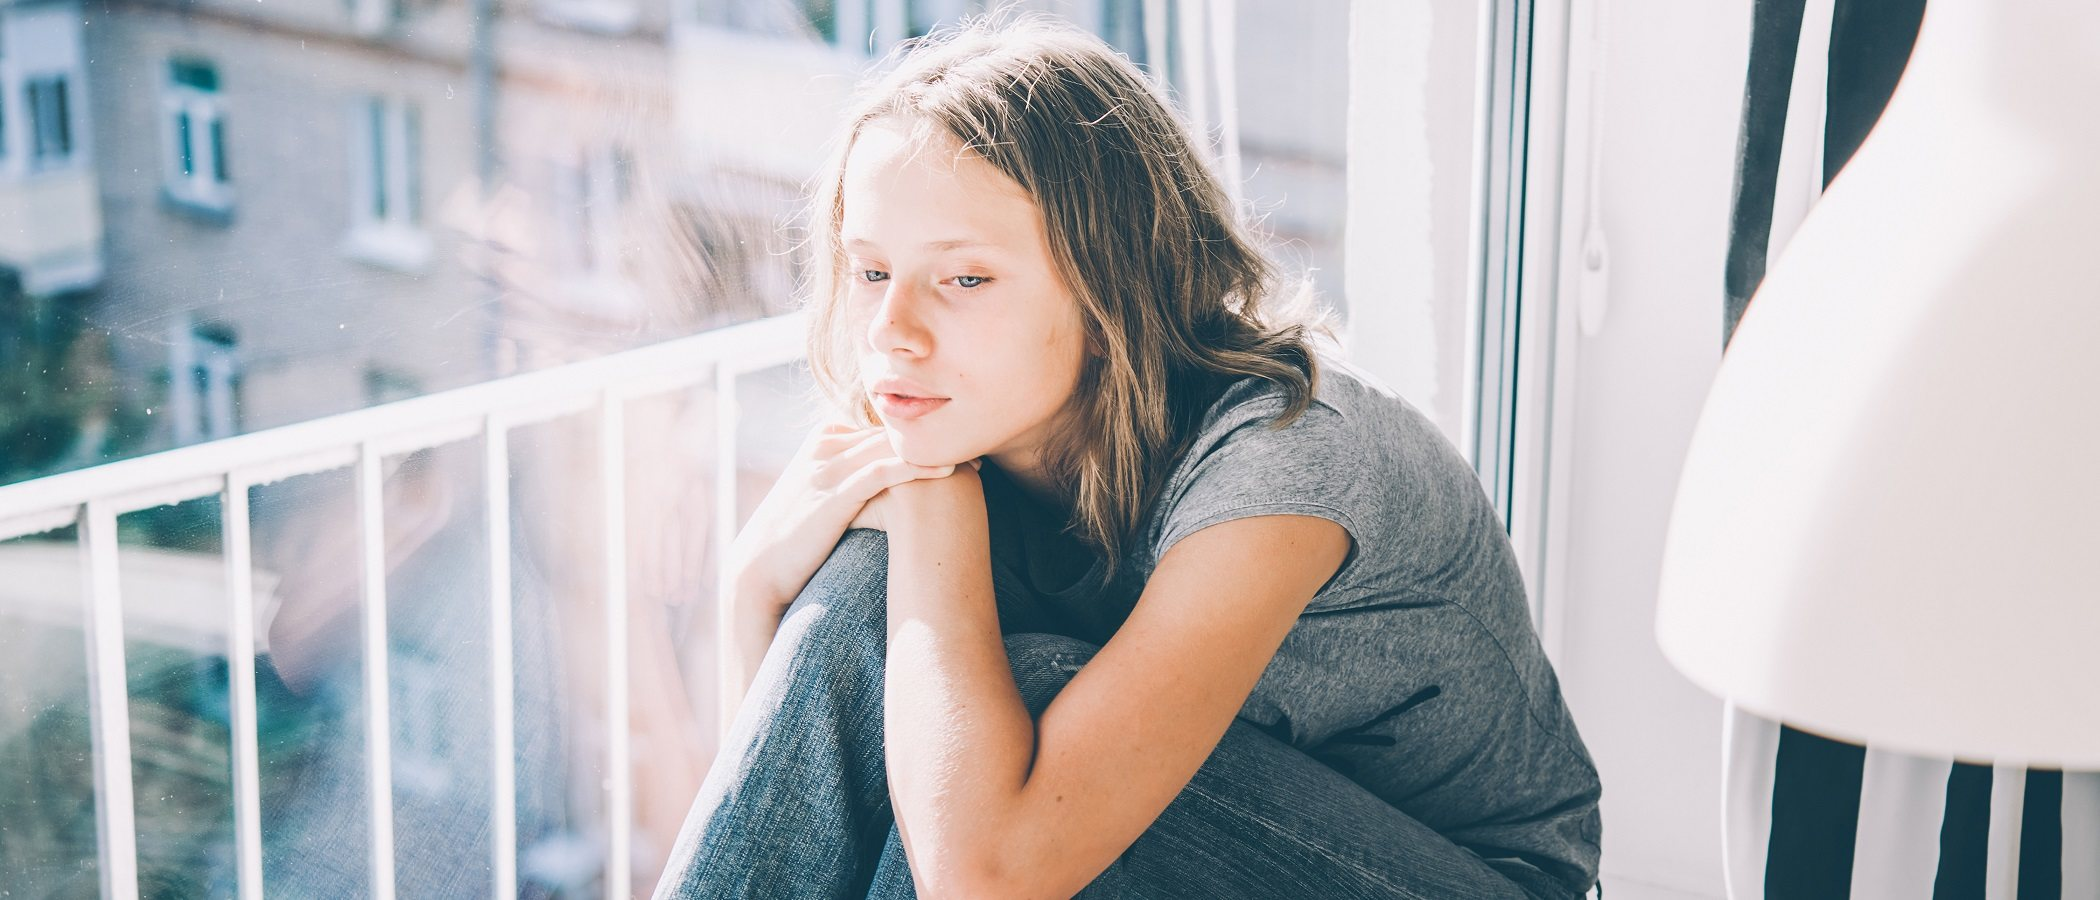 La inseguridad en la adolescencia